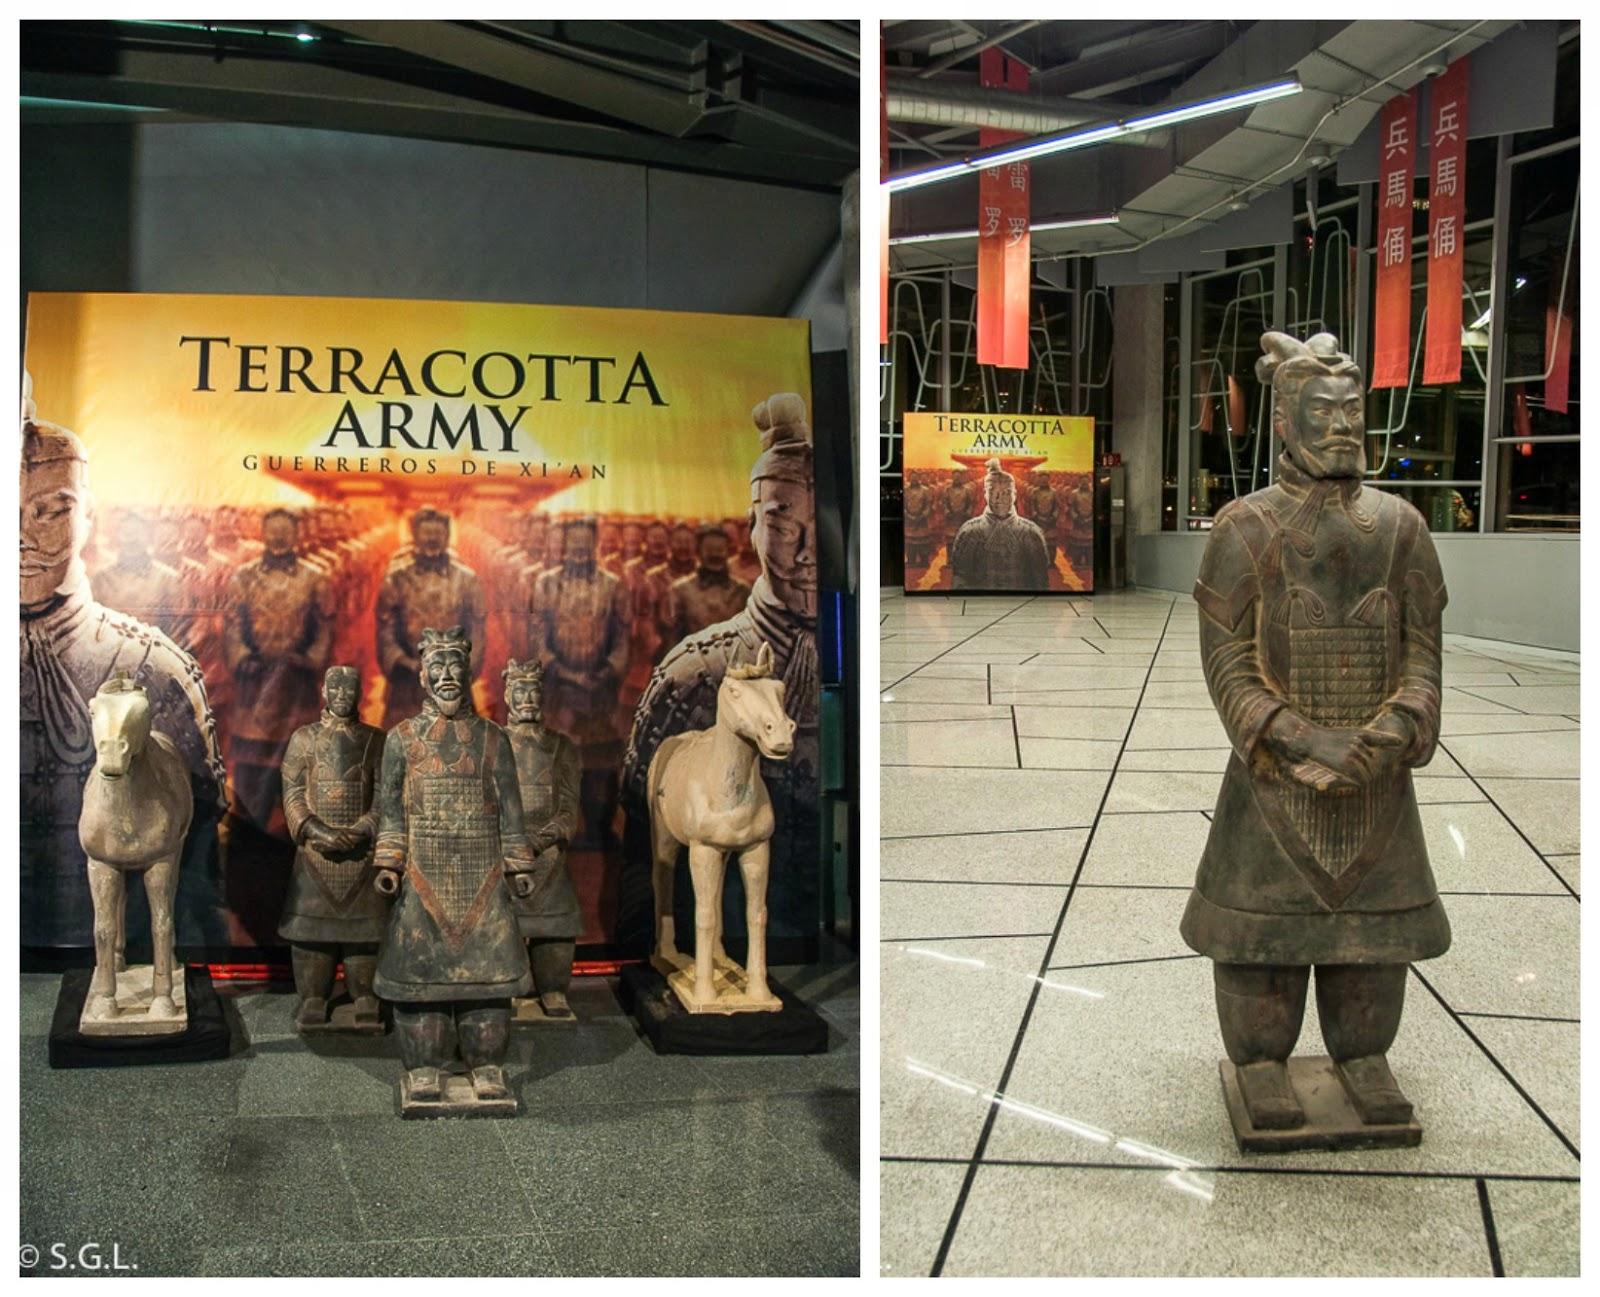 Exposicion en Bilbao de los soldados de Terracota